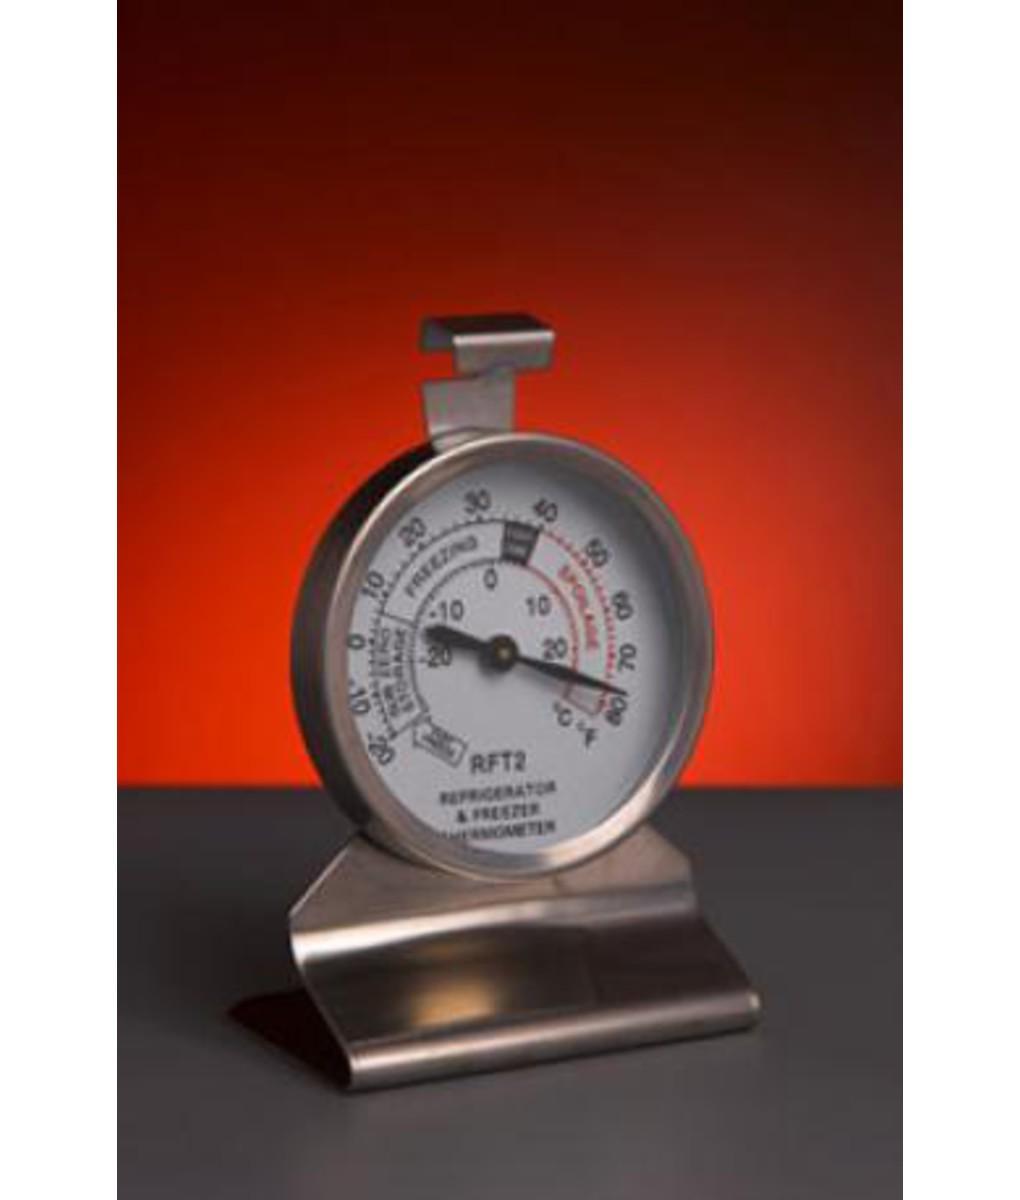 Refrigerator Thermometer -30 Deg.C to 30 Deg.C